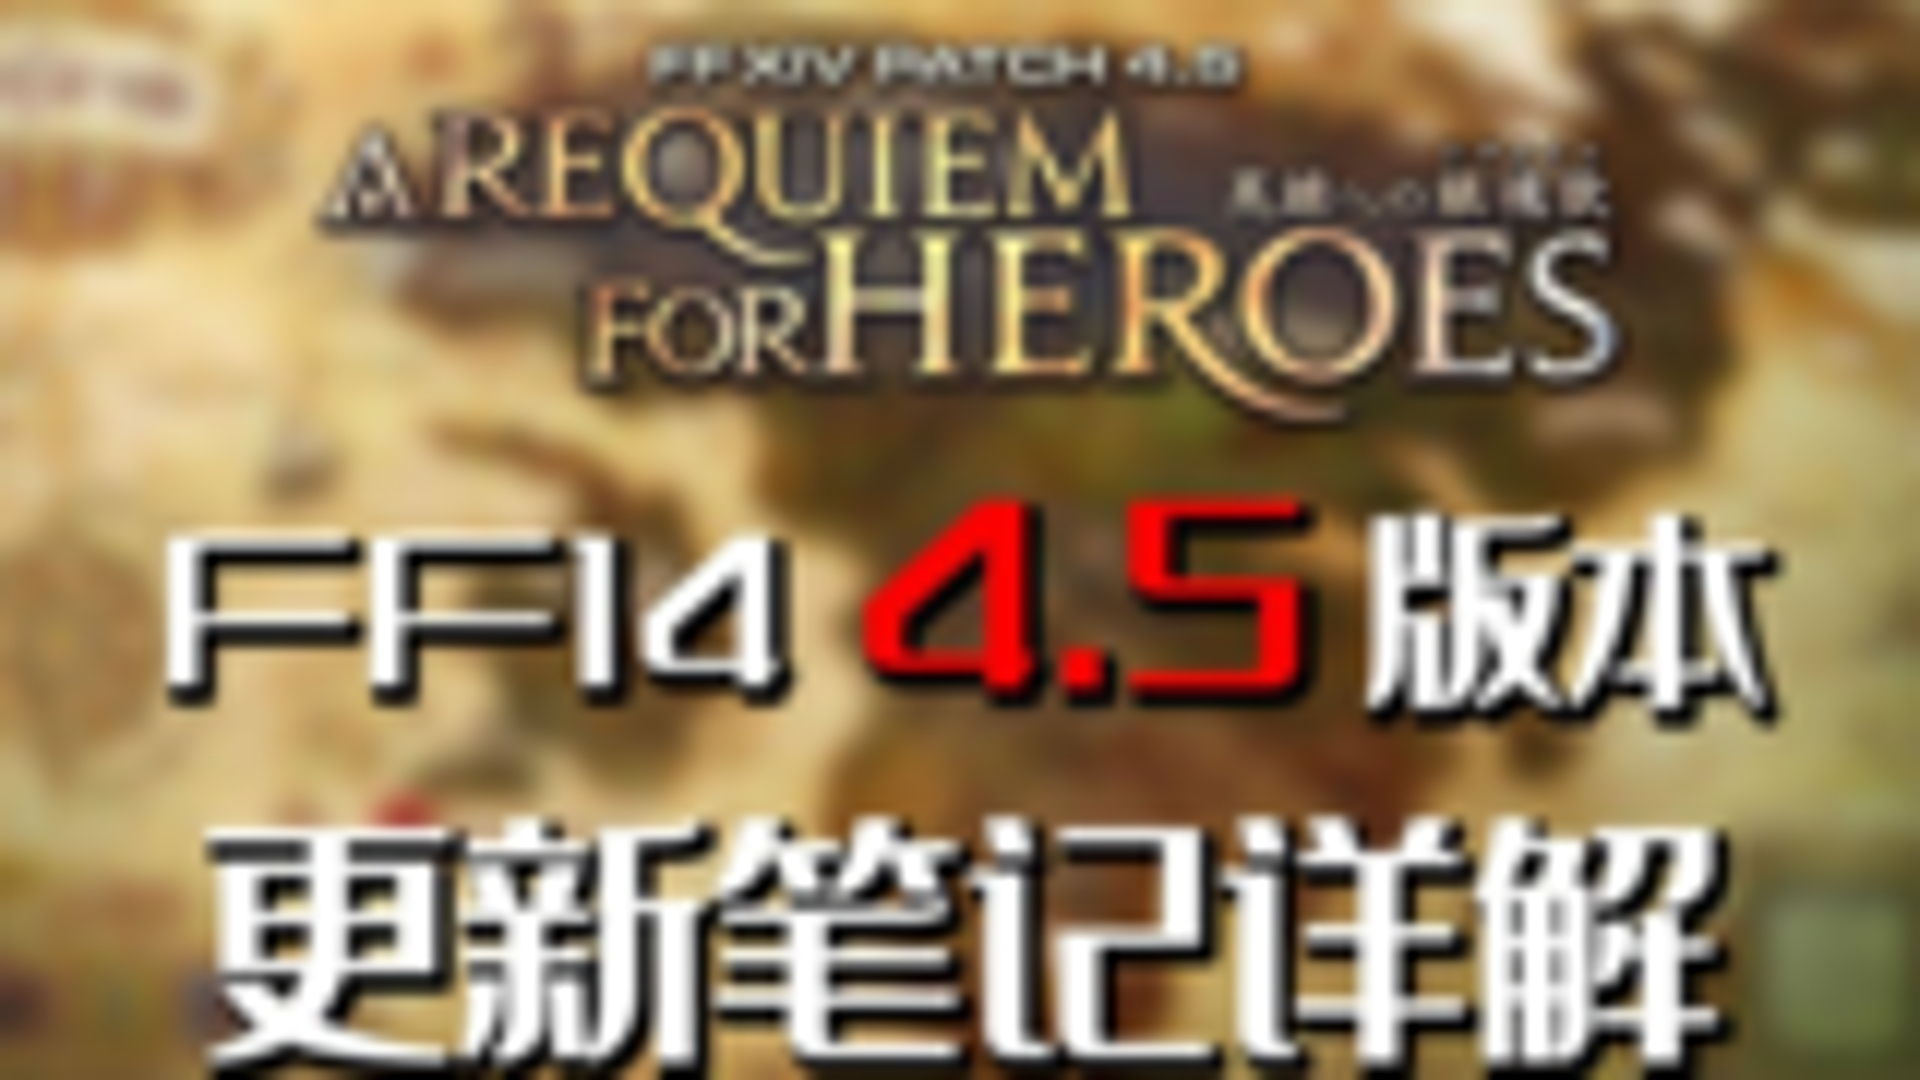 4.5版本都更新了些啥?我们可以提前做些什么准备?点进来!